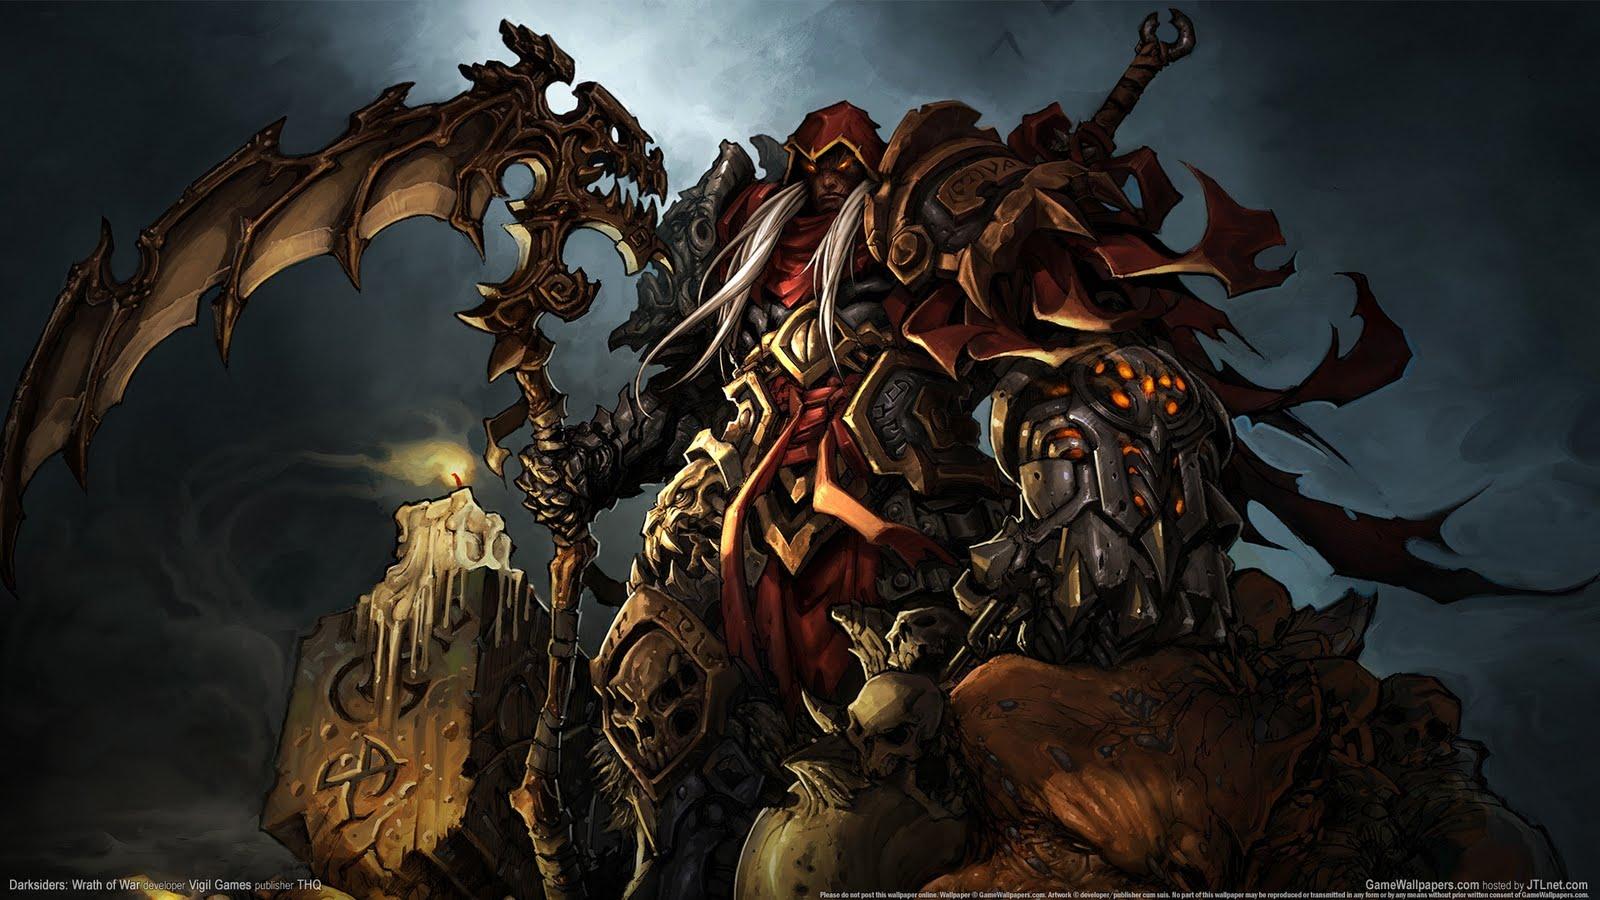 http://1.bp.blogspot.com/_j6hb7P0UBkc/TN8tqWmiNZI/AAAAAAAAAEs/LxF1BIluz1Q/s1600/wallpaper_darksiders_wrath_of_war_02_1920x1080.jpg